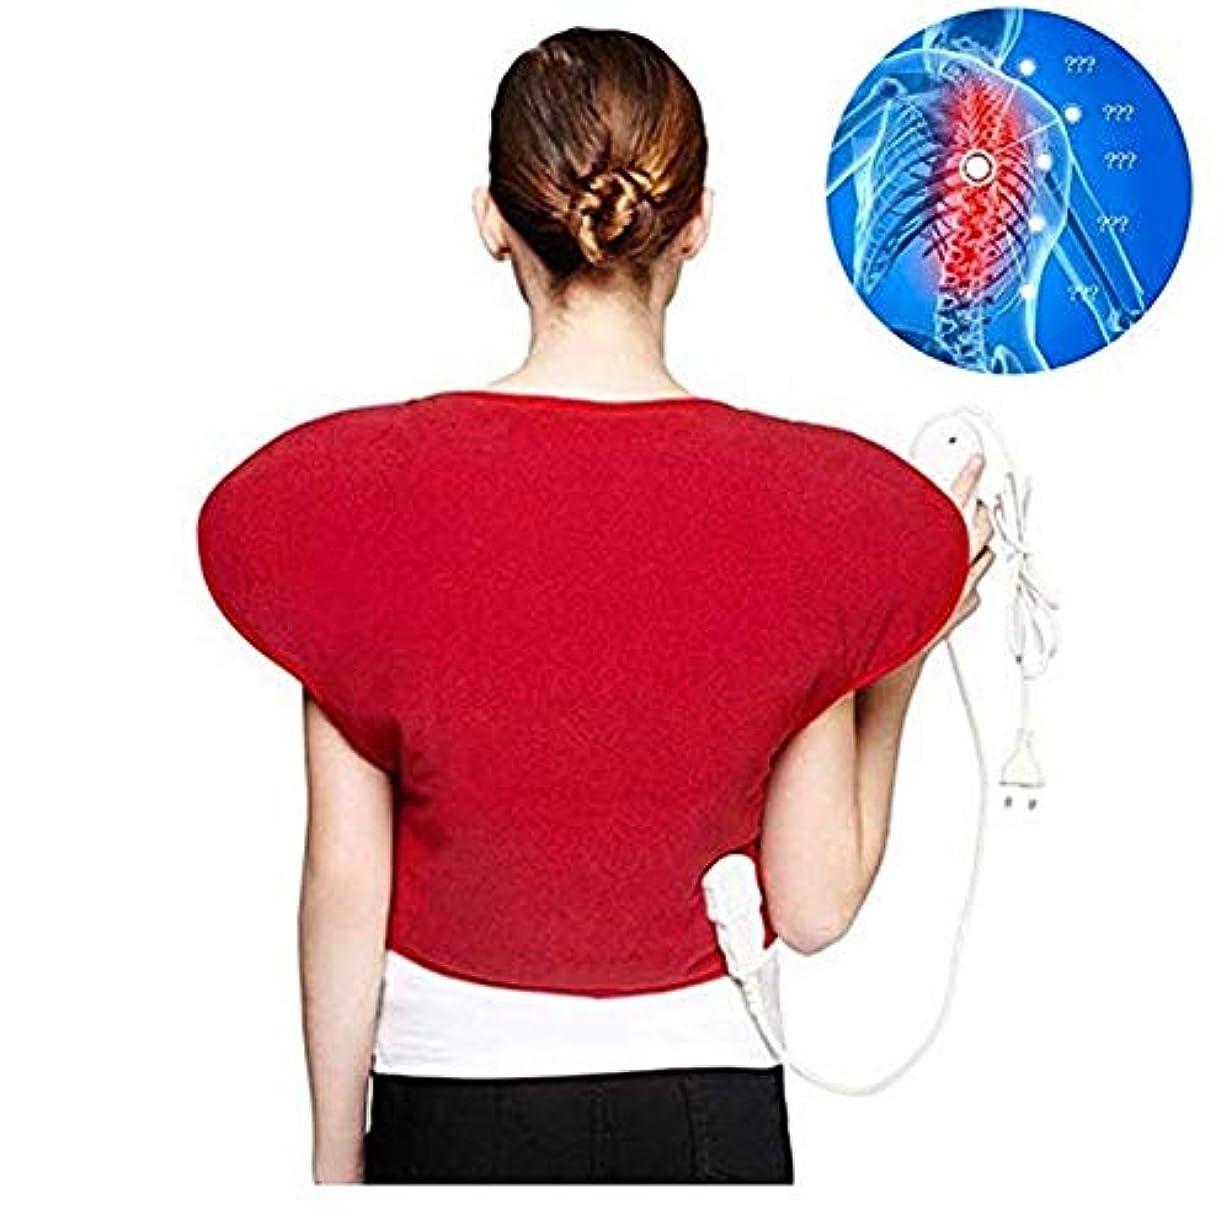 普通にカラス傾向肩と首の電気ヒーターパッド - 物理的な痛みの救済ホットヒートのベスト、3ファイル一定の温度、自動パワーオフ、医療用品蝶形のマッサージのヒートパッド